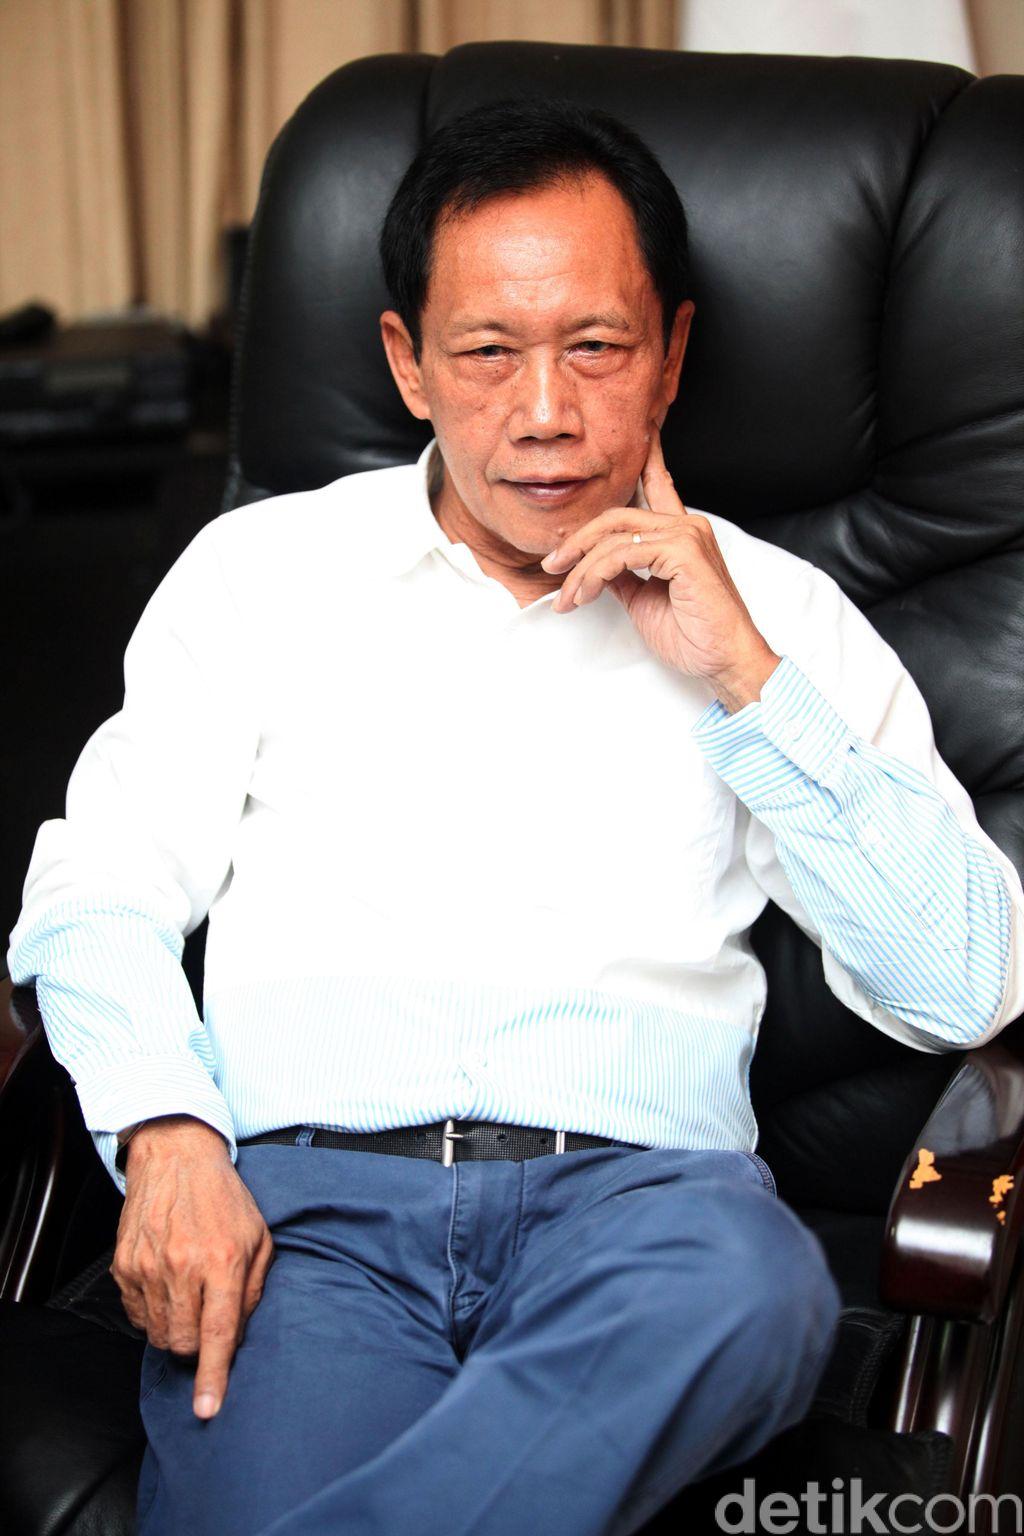 Letjen TNI (Purn.) Dr.(H.C.) H. Sutiyoso seorang politikus dan mantan tokoh militer Indonesia berbintang tiga. Ia adalah Gubernur Jakarta selama dua periode, mulai 6 Oktober 1997 hingga 7 Oktober 2007. File/detikFoto.